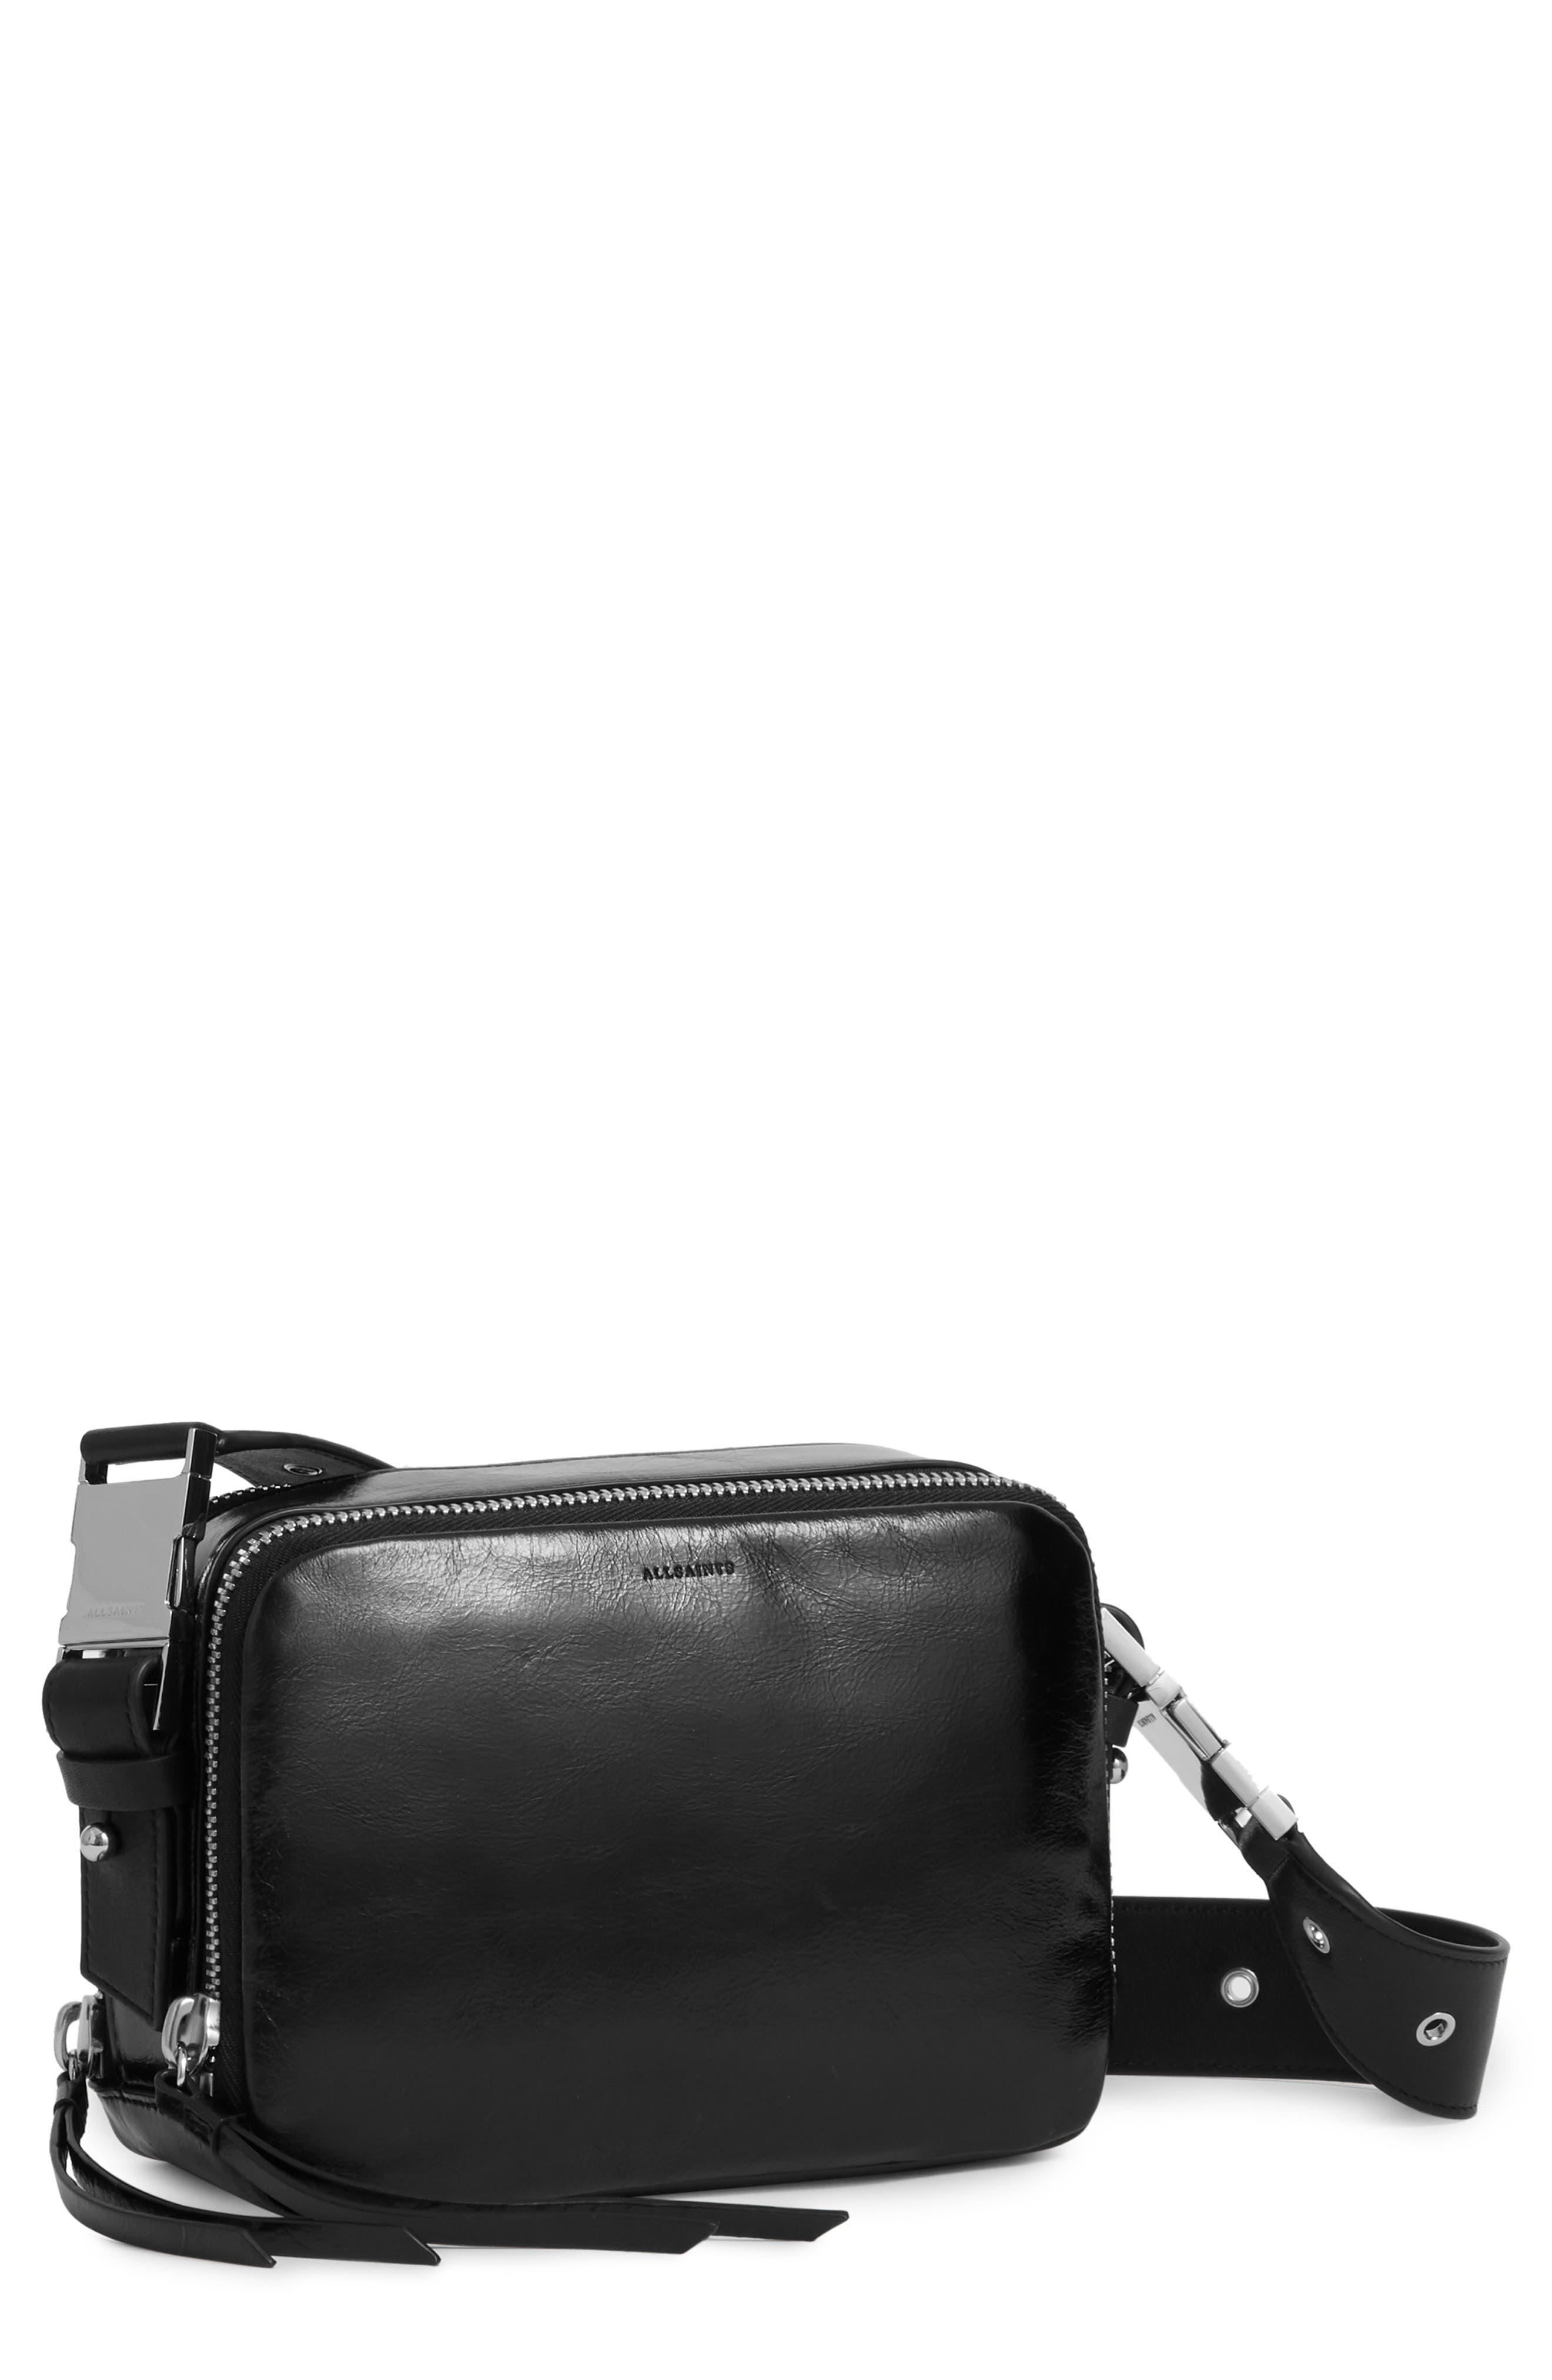 ALLSAINTS, Leather Belt Bag, Main thumbnail 1, color, 001